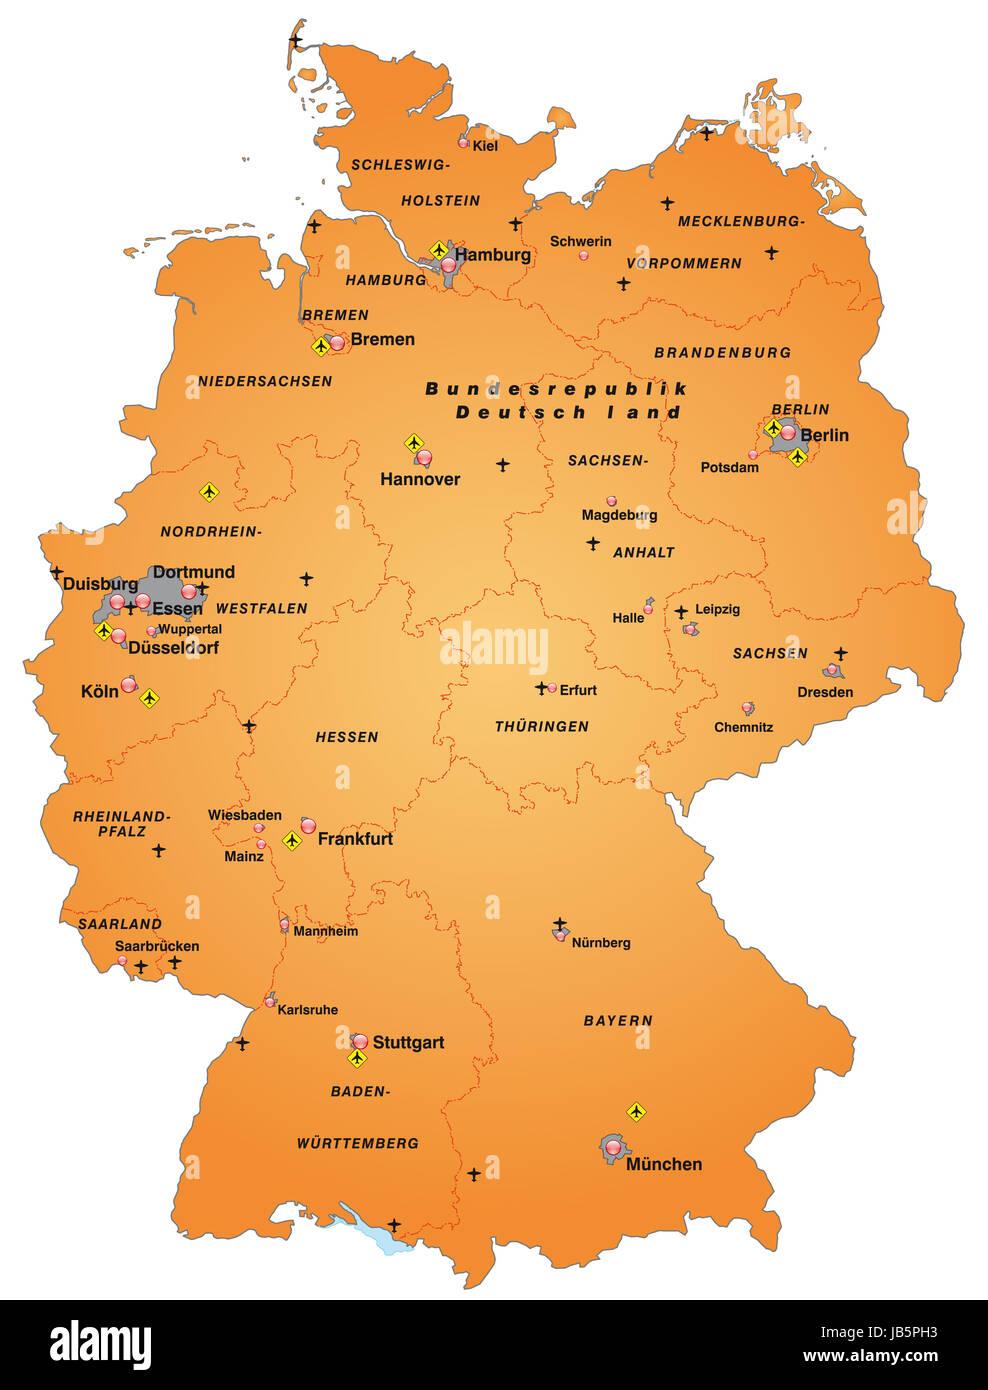 Die Karte Ist Modern Gestaltet Und Enthalt Die Bundeslander Sowie